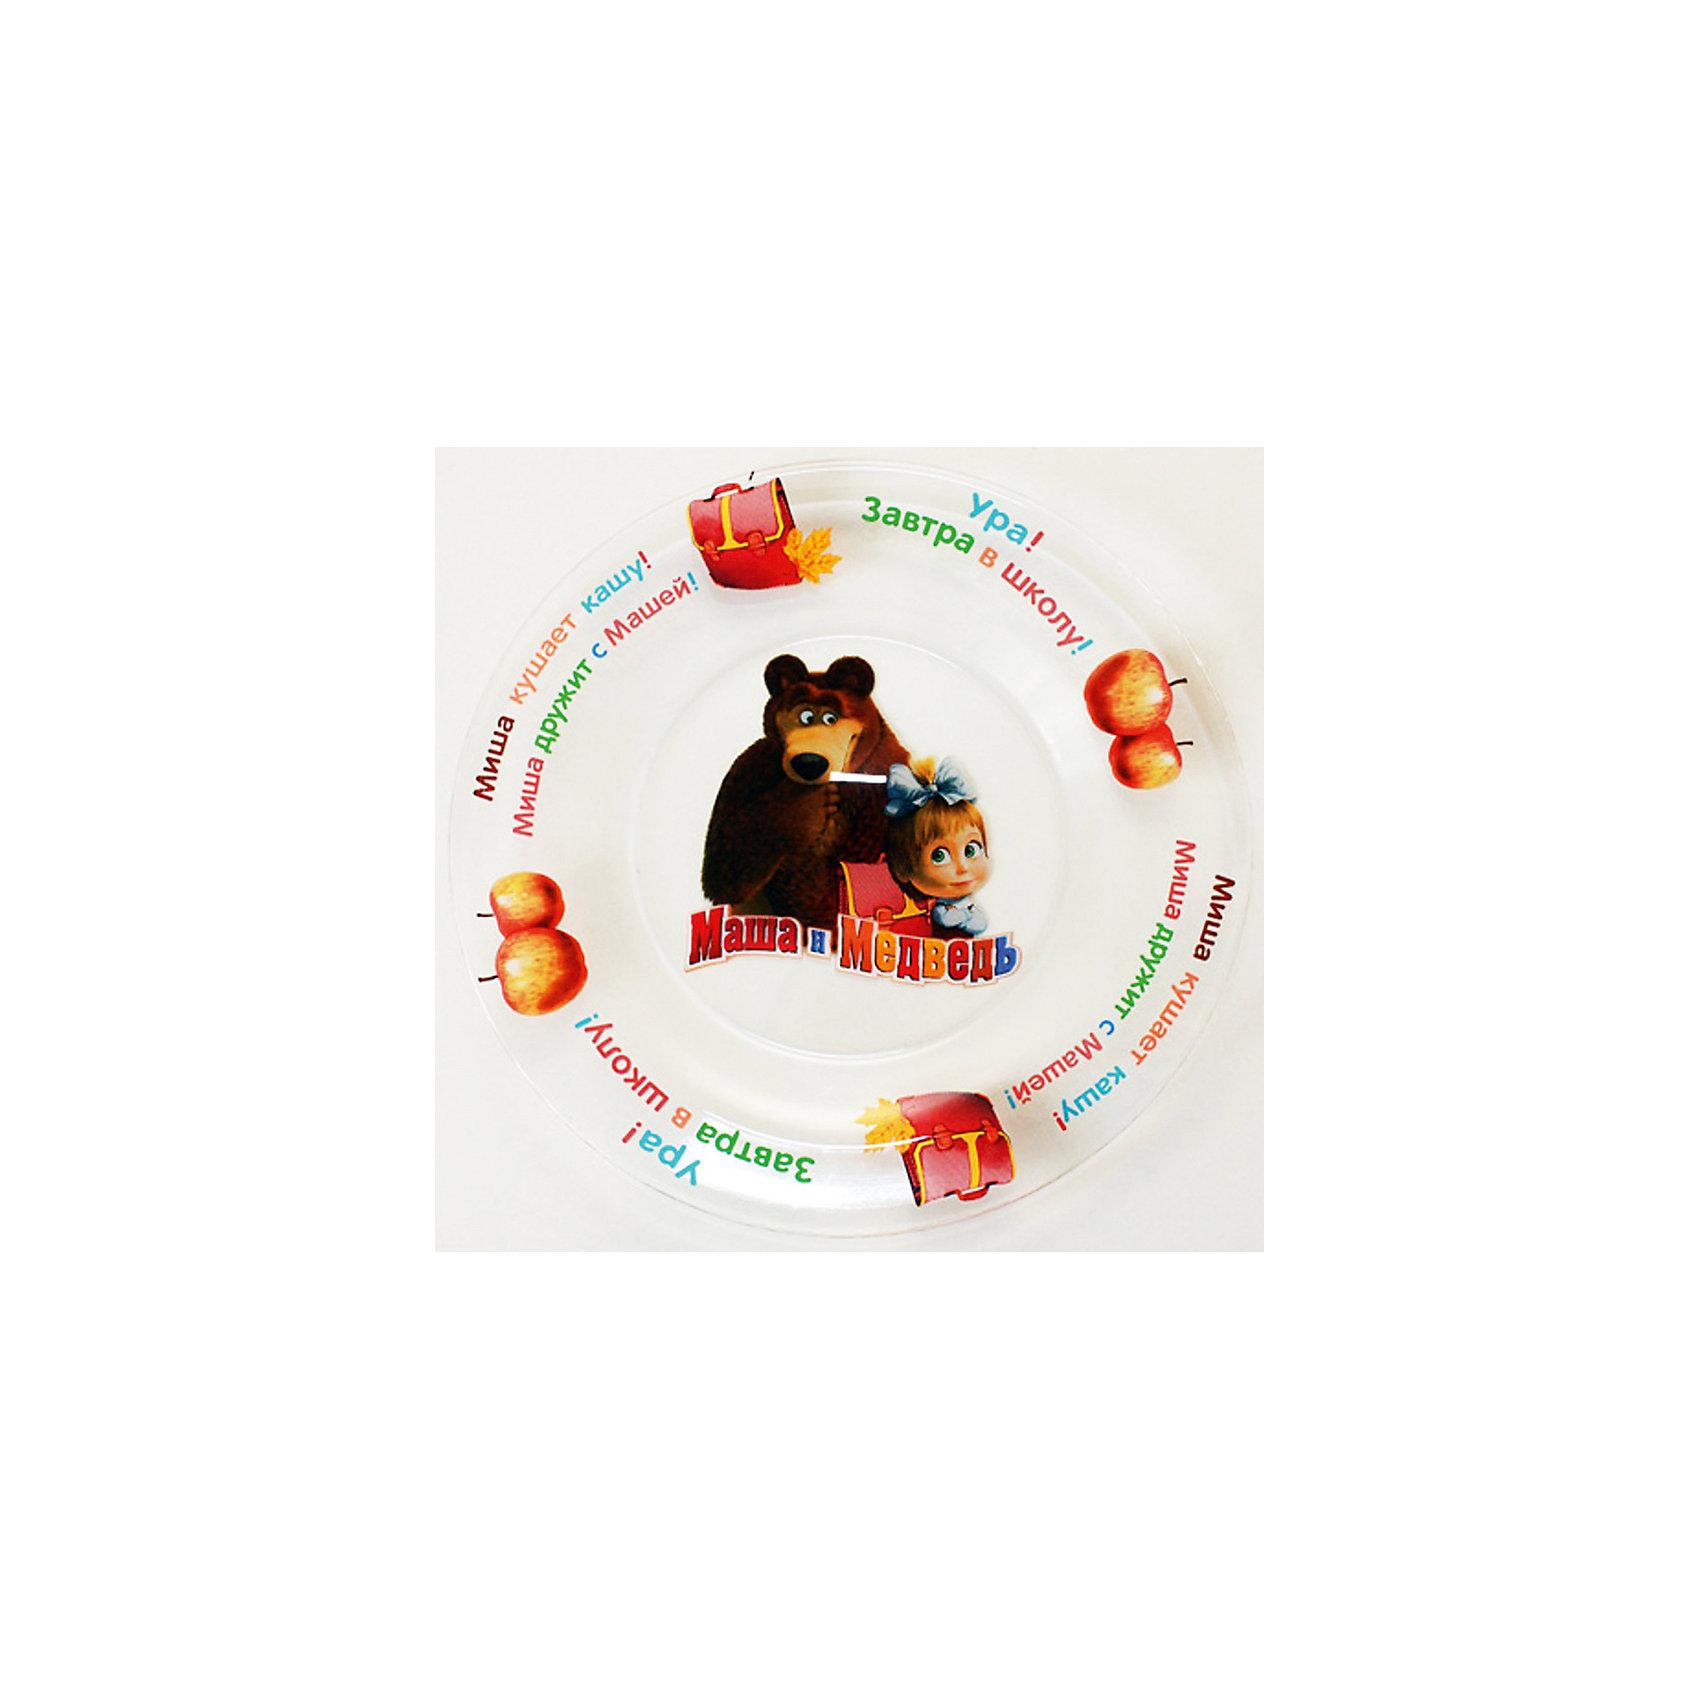 Тарелка Школьная (стекло, диаметр 20 см), Маша и МедведьЗавтракать, обедать, ужинать с любимыми героями - приятнее и вкуснее! Тарелка с изображениями персонажей мультфильма Маша и Медведь обязательно понравится ребенку. Изделие выполнено из ударопрочного стекла, раскрашено устойчивыми экологичными красителями безопасными для детей. Прекрасный вариант для подарка на любой праздник! <br><br>Дополнительная информация:<br><br>- Материал: стекло.<br>- Размер: d - 20 см. <br>- Подходит для СВЧ.<br>- Можно мыть в посудомоечной машине.<br><br>Тарелку Школьную (стекло, диаметр 20 см), Маша и Медведь, можно купить в нашем магазине.<br><br>Ширина мм: 200<br>Глубина мм: 200<br>Высота мм: 20<br>Вес г: 250<br>Возраст от месяцев: 36<br>Возраст до месяцев: 108<br>Пол: Унисекс<br>Возраст: Детский<br>SKU: 4536271